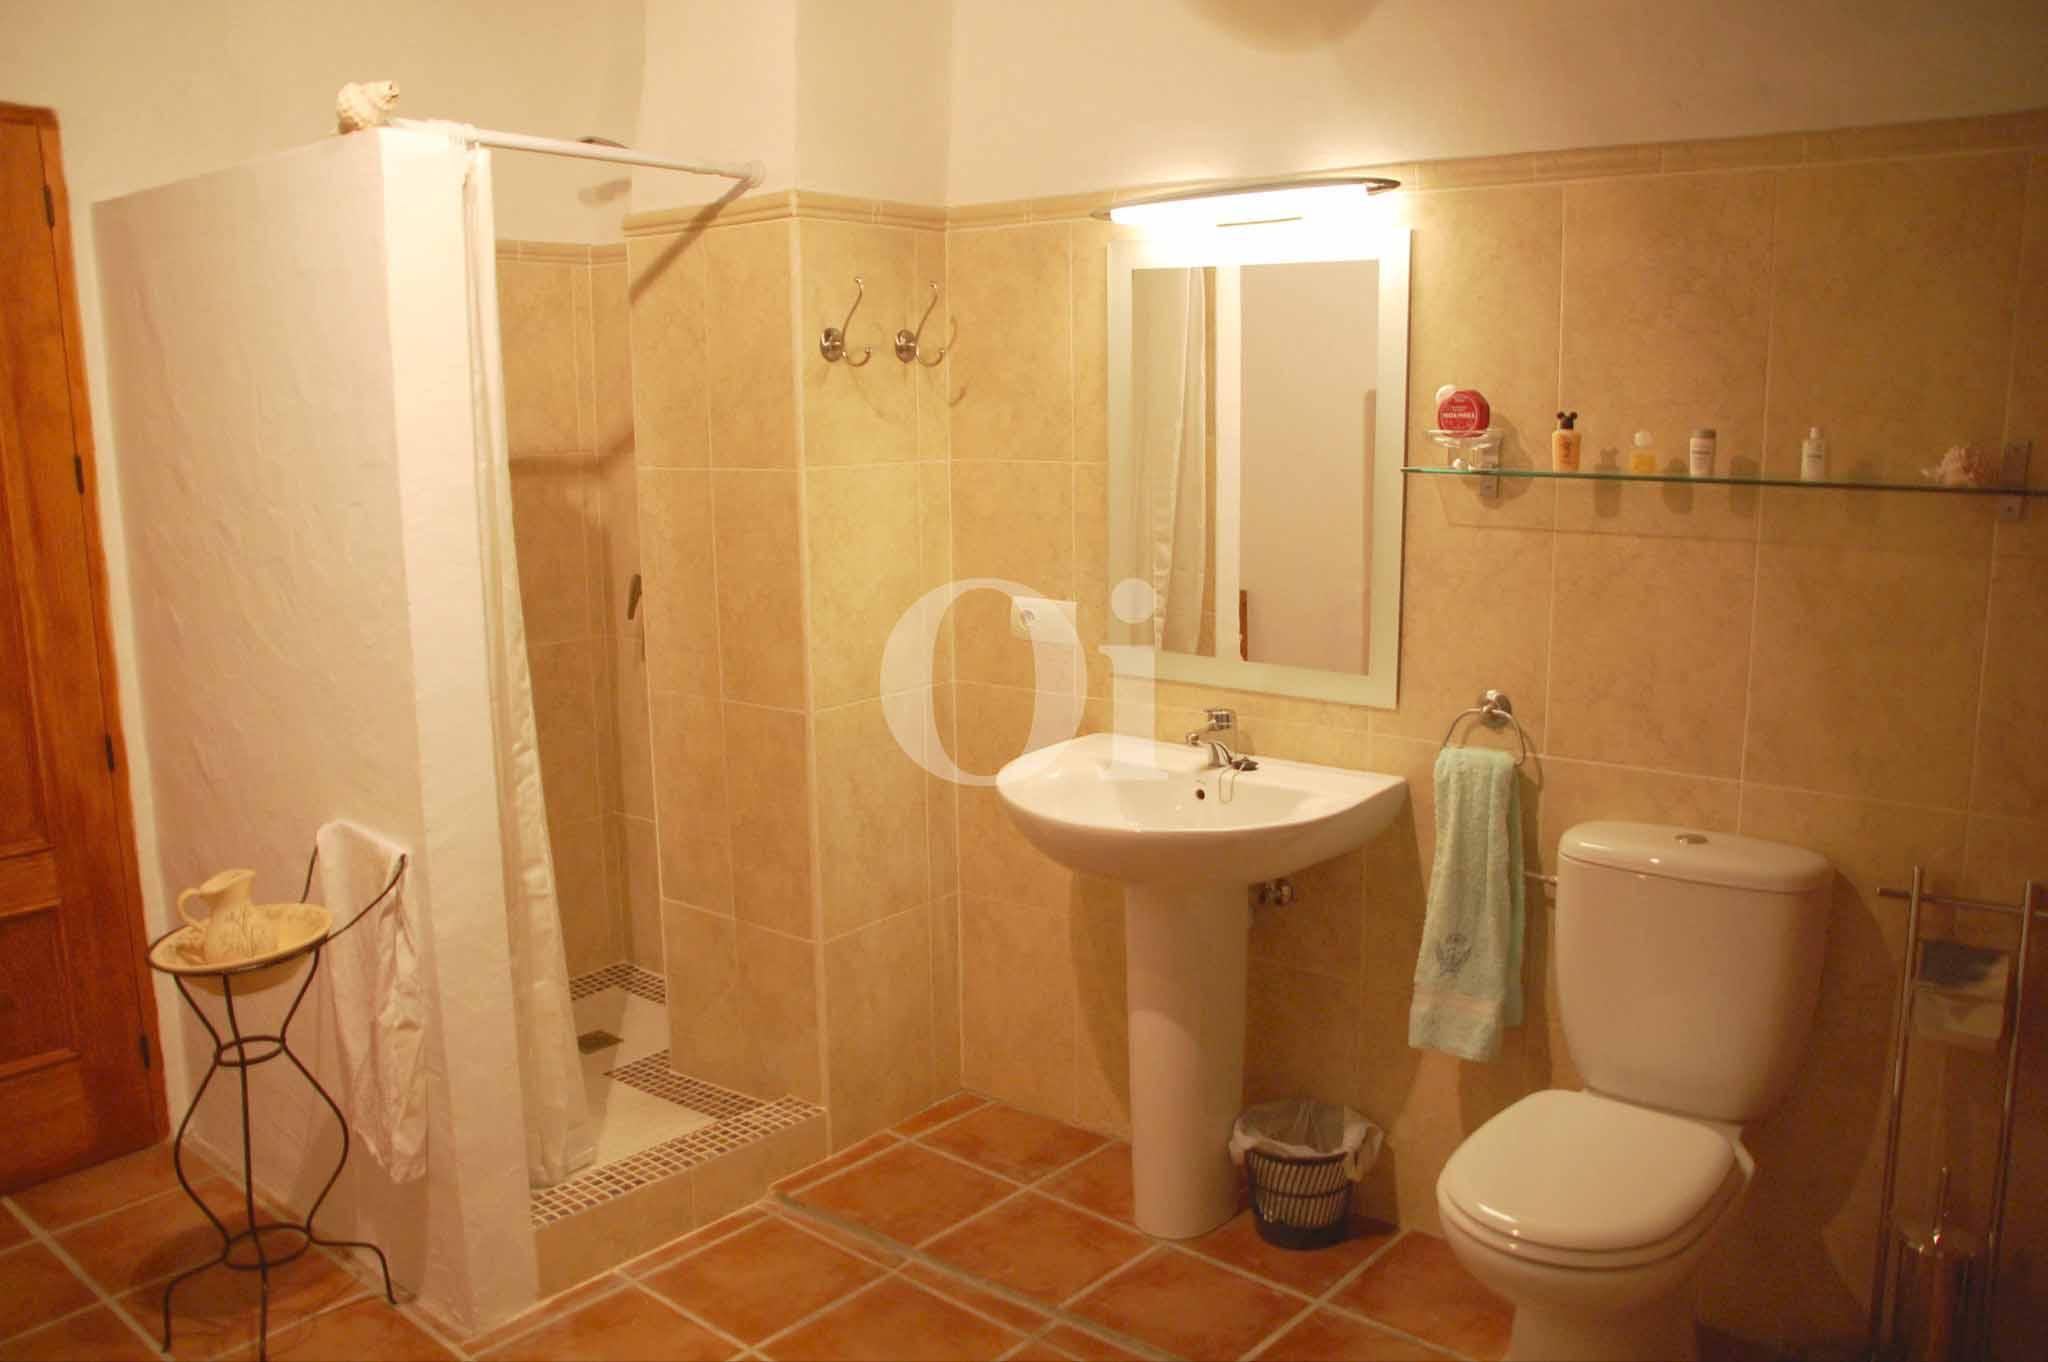 Современная ванная комната дома в аренду на Ибице